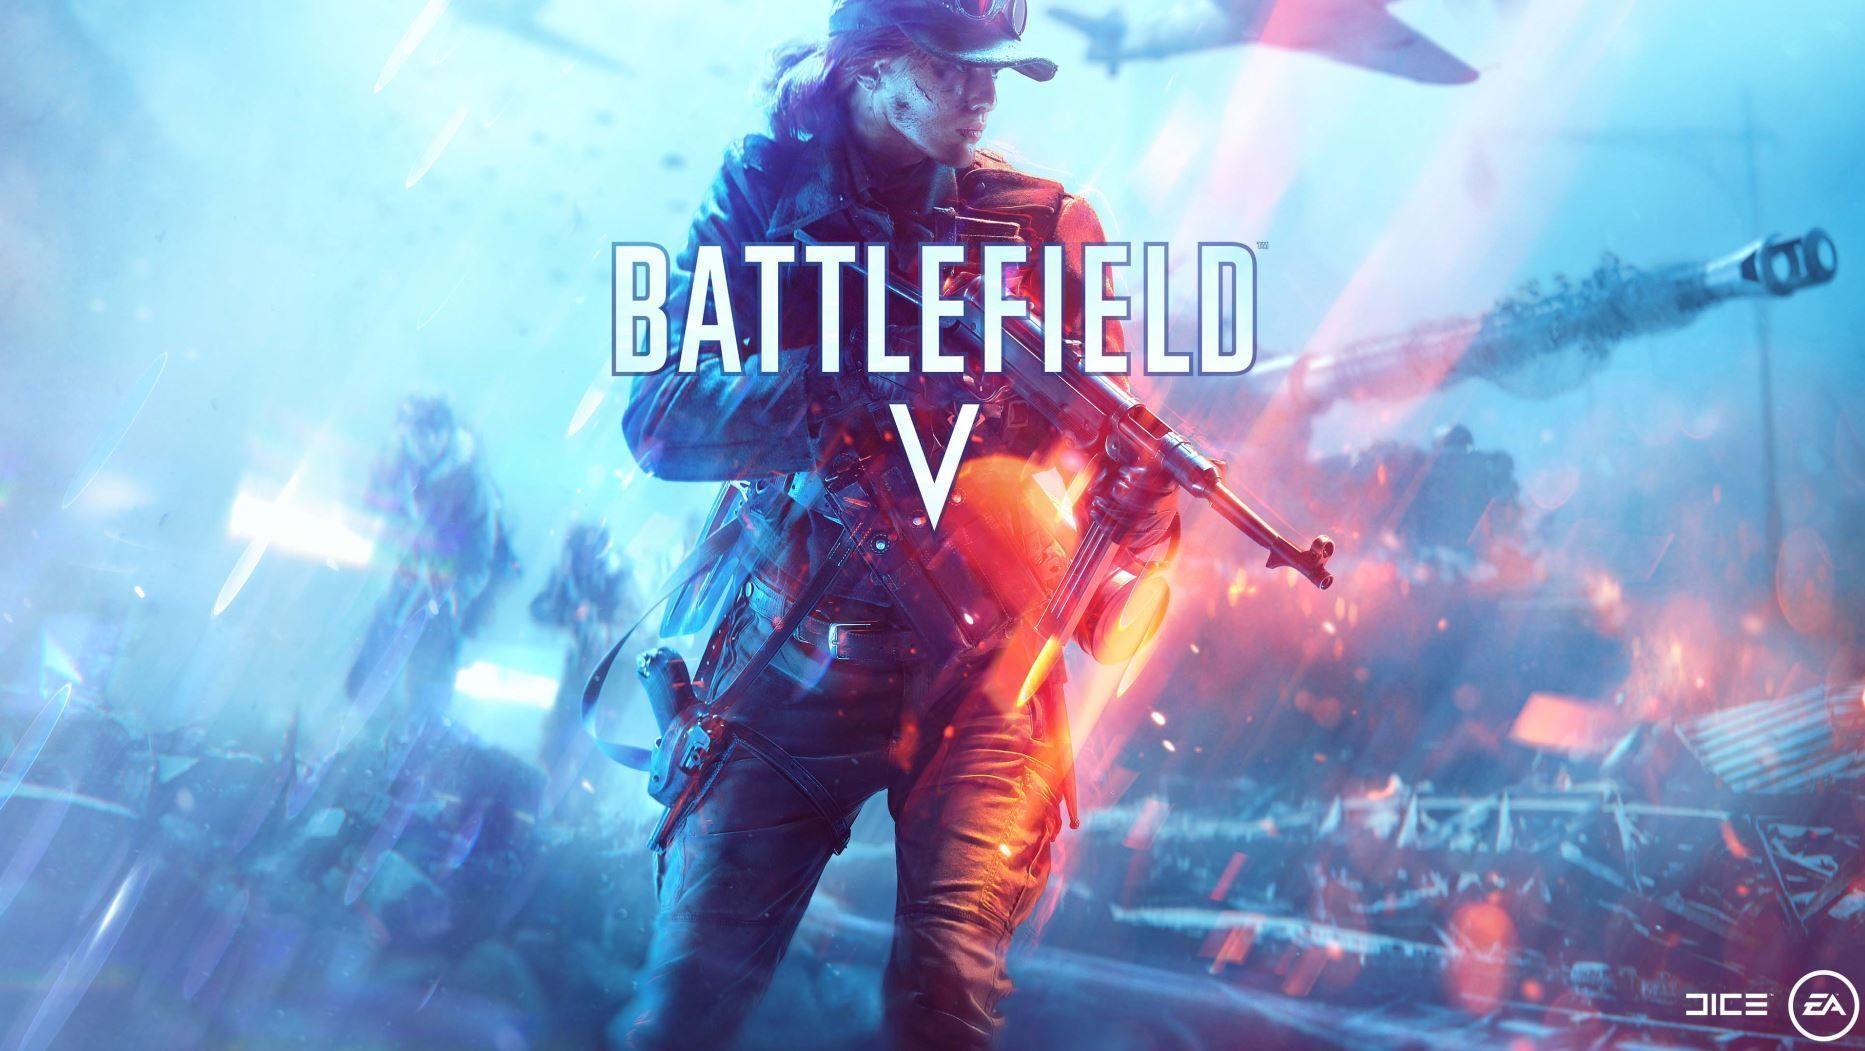 Beta abierta BATTLEFIELD V para PS4, XBOX y PC (Podrás descargarla el 3/09 y 6/09/2018 podrás jugarla)